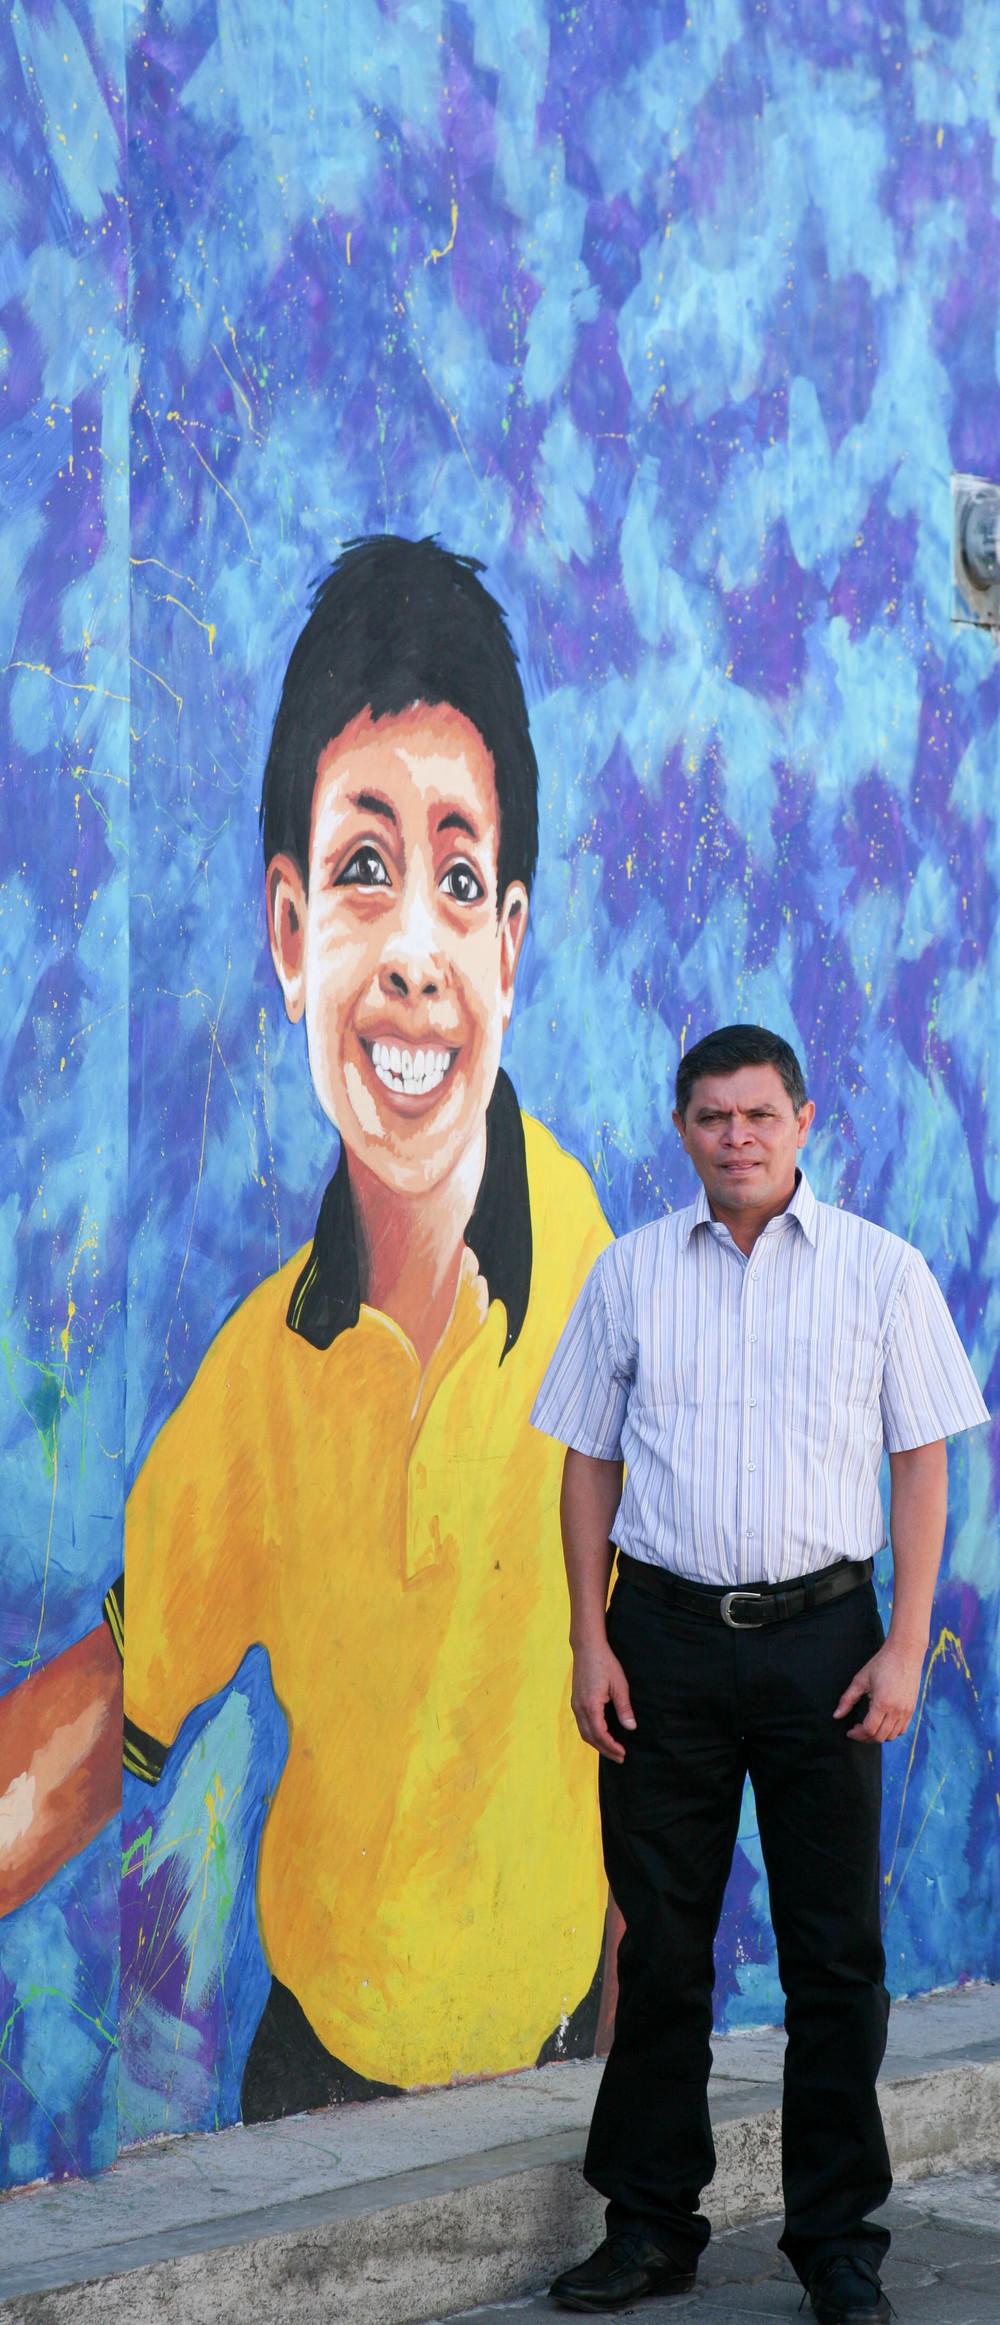 Julio garcia, School Director